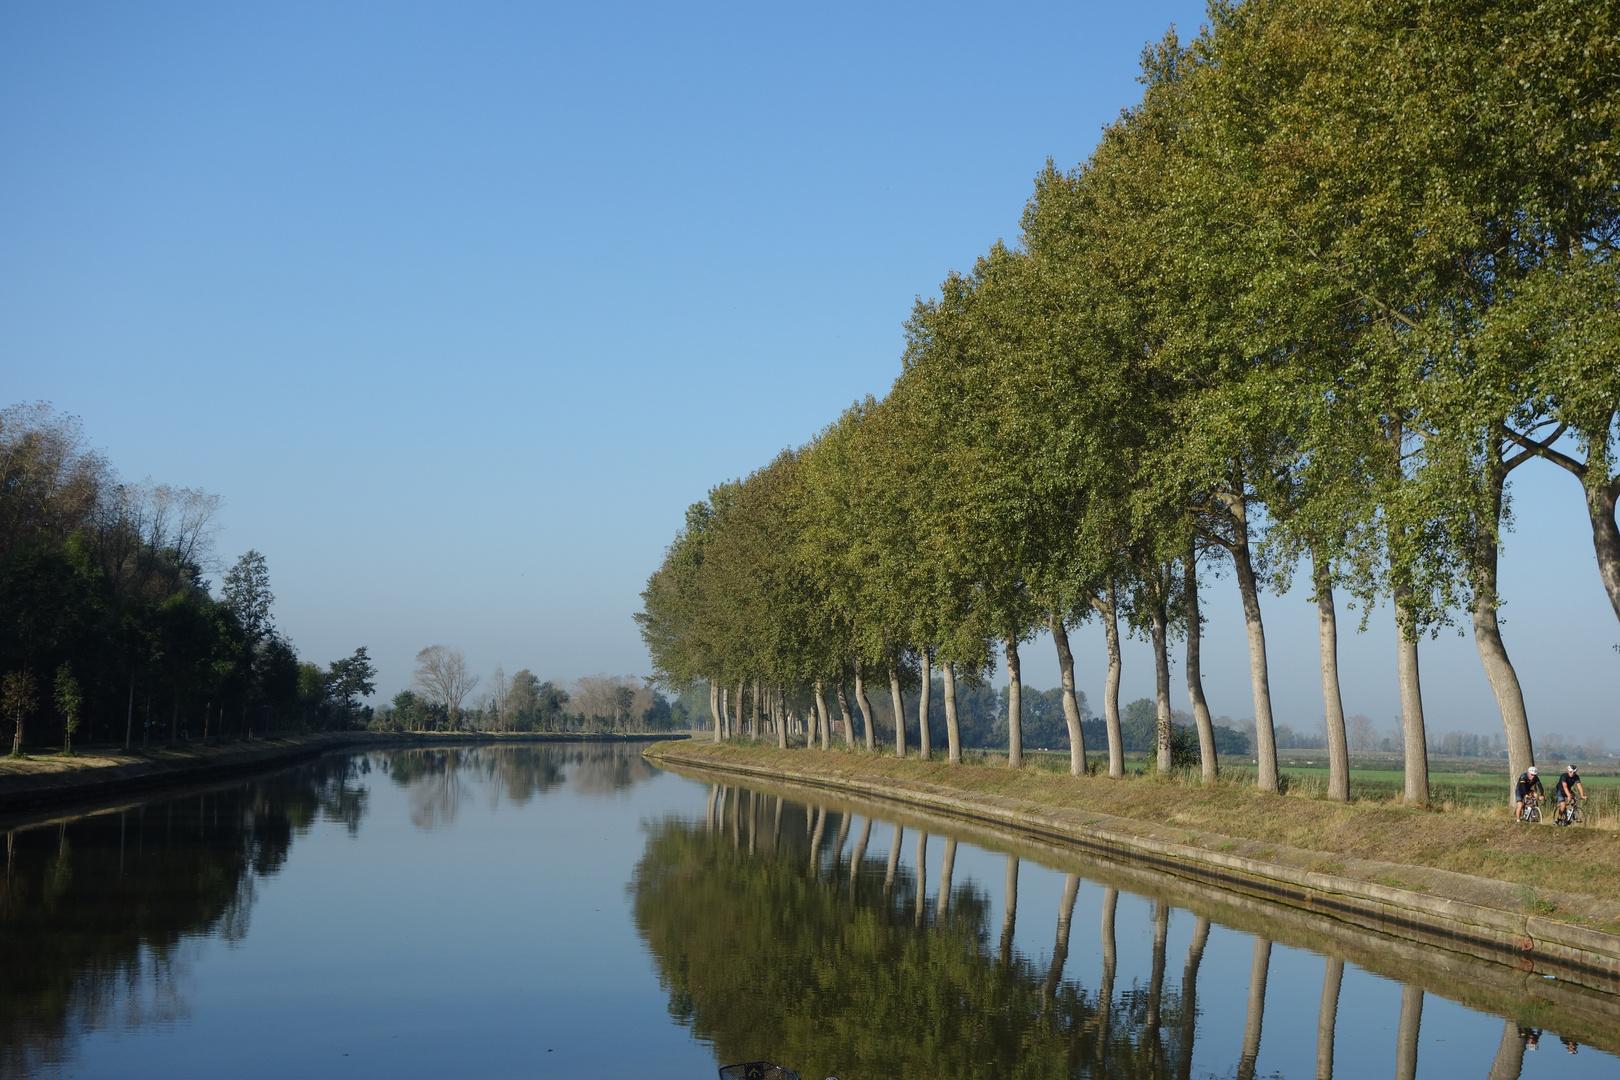 Kanal in Flandern, für Wolfgang